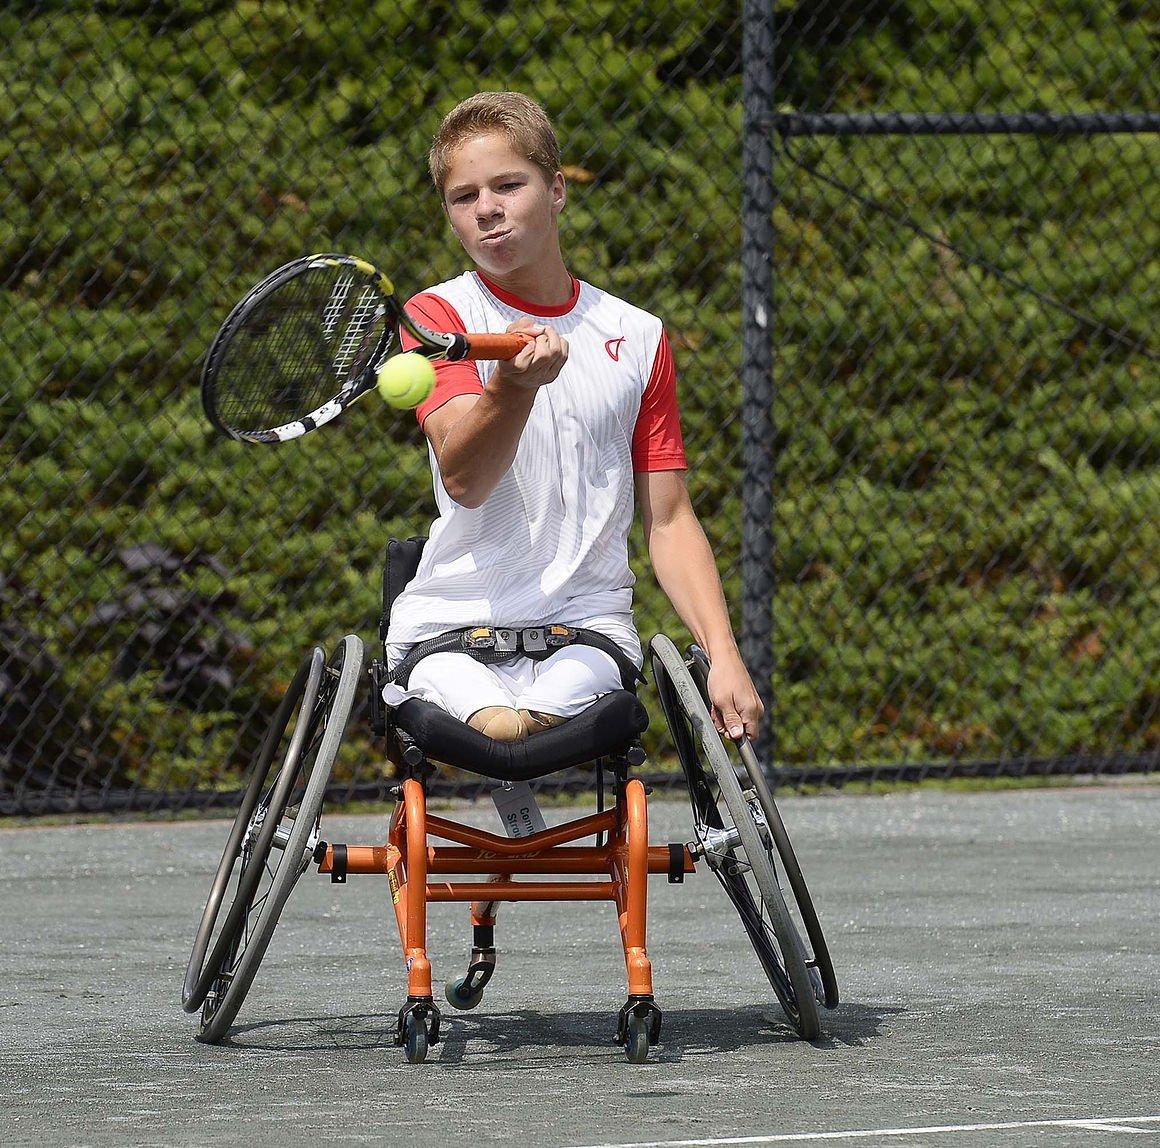 Inspiring teen among world's best wheelchair tennis players